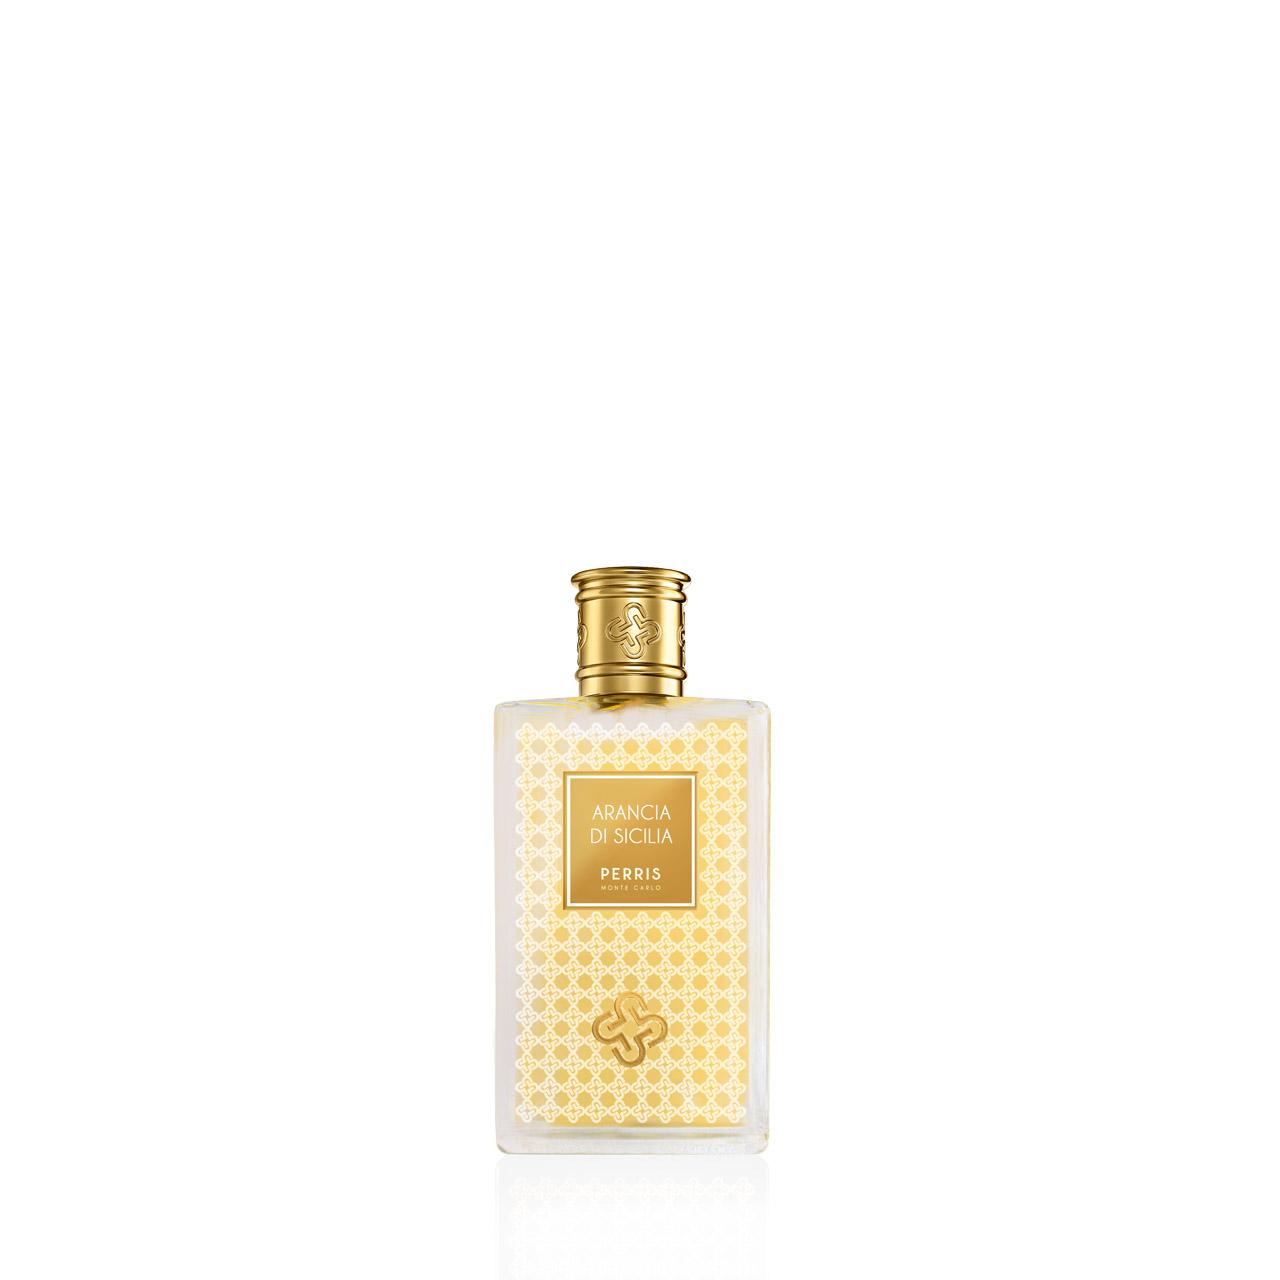 Arancia di Sicilia - Eau de Parfum